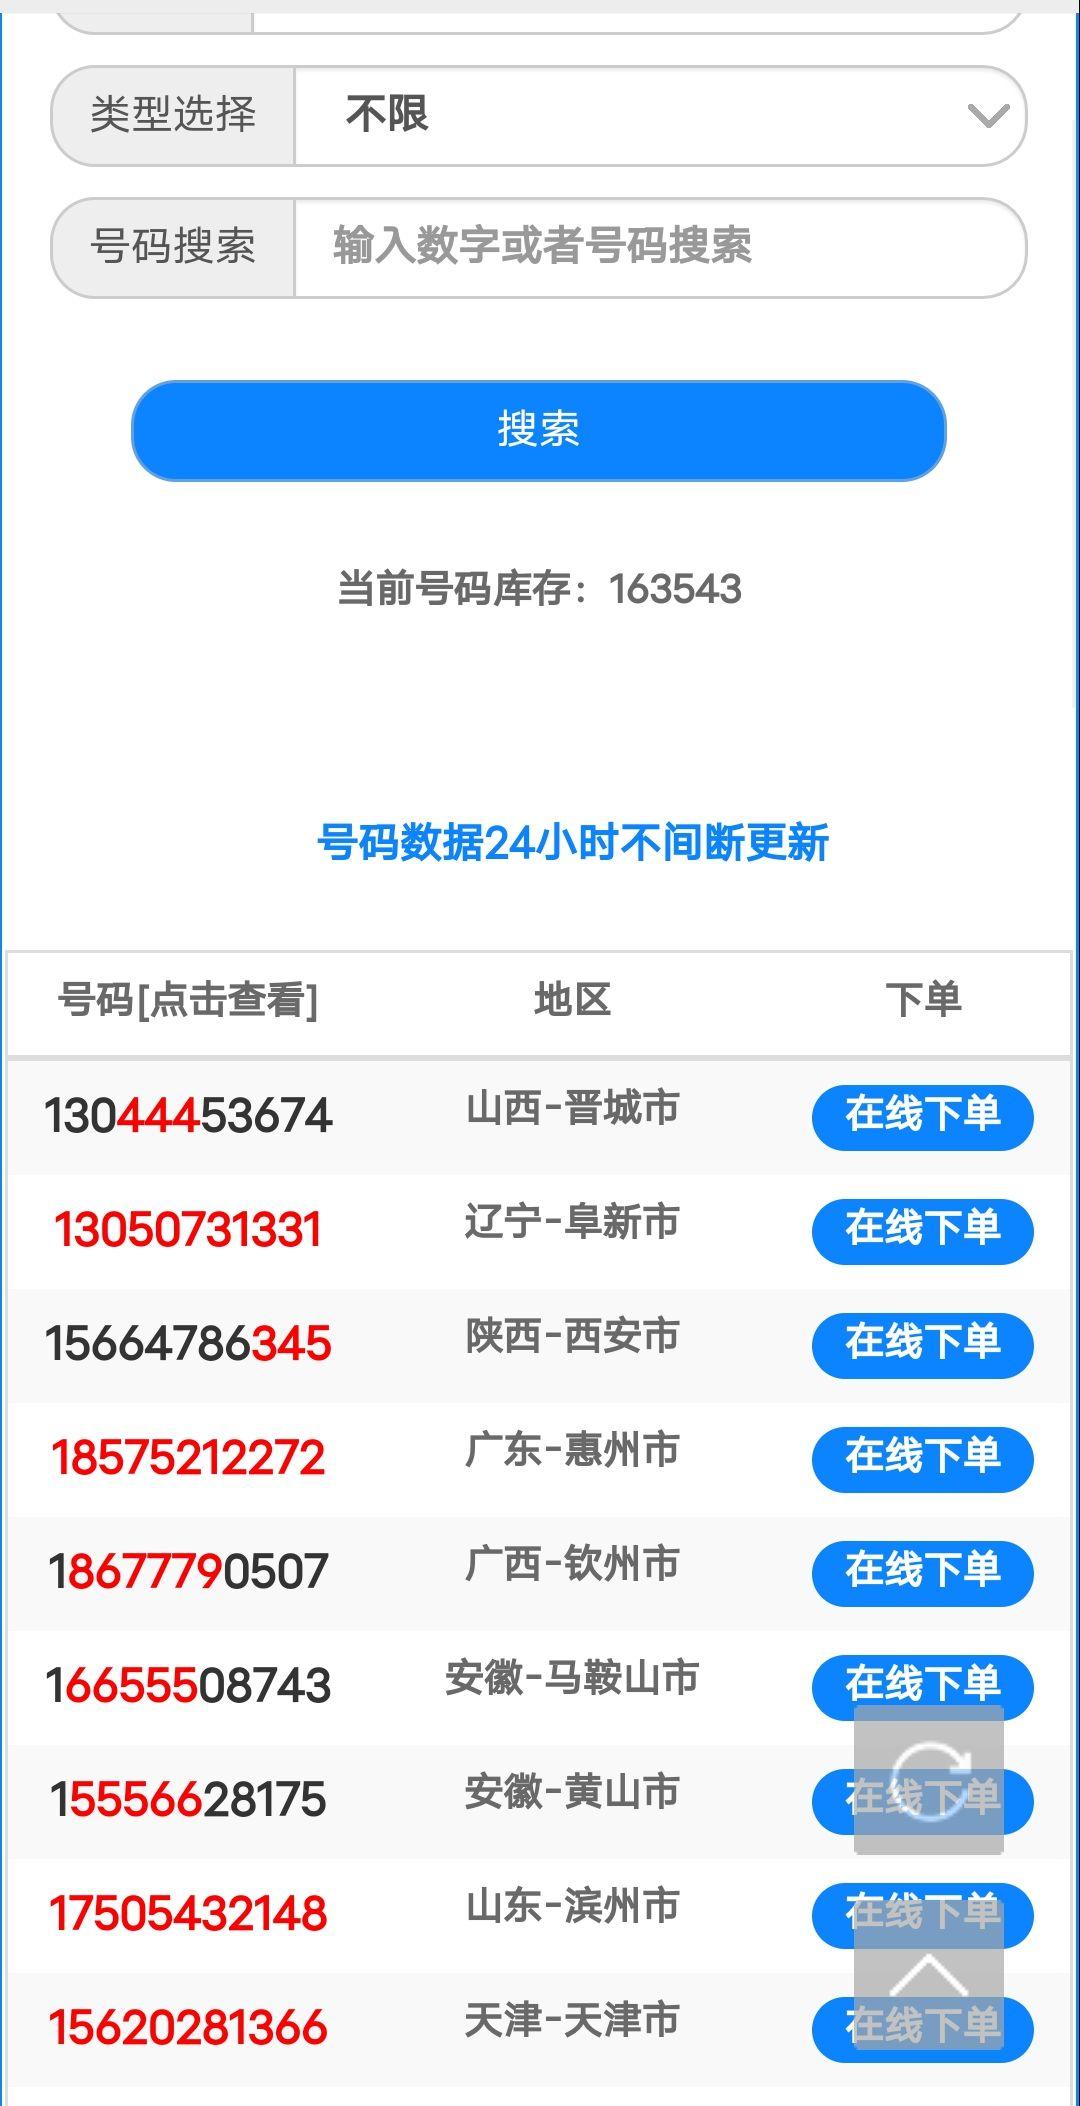 一款小众软件解锁会员版,自动扫描运营商号池号码。